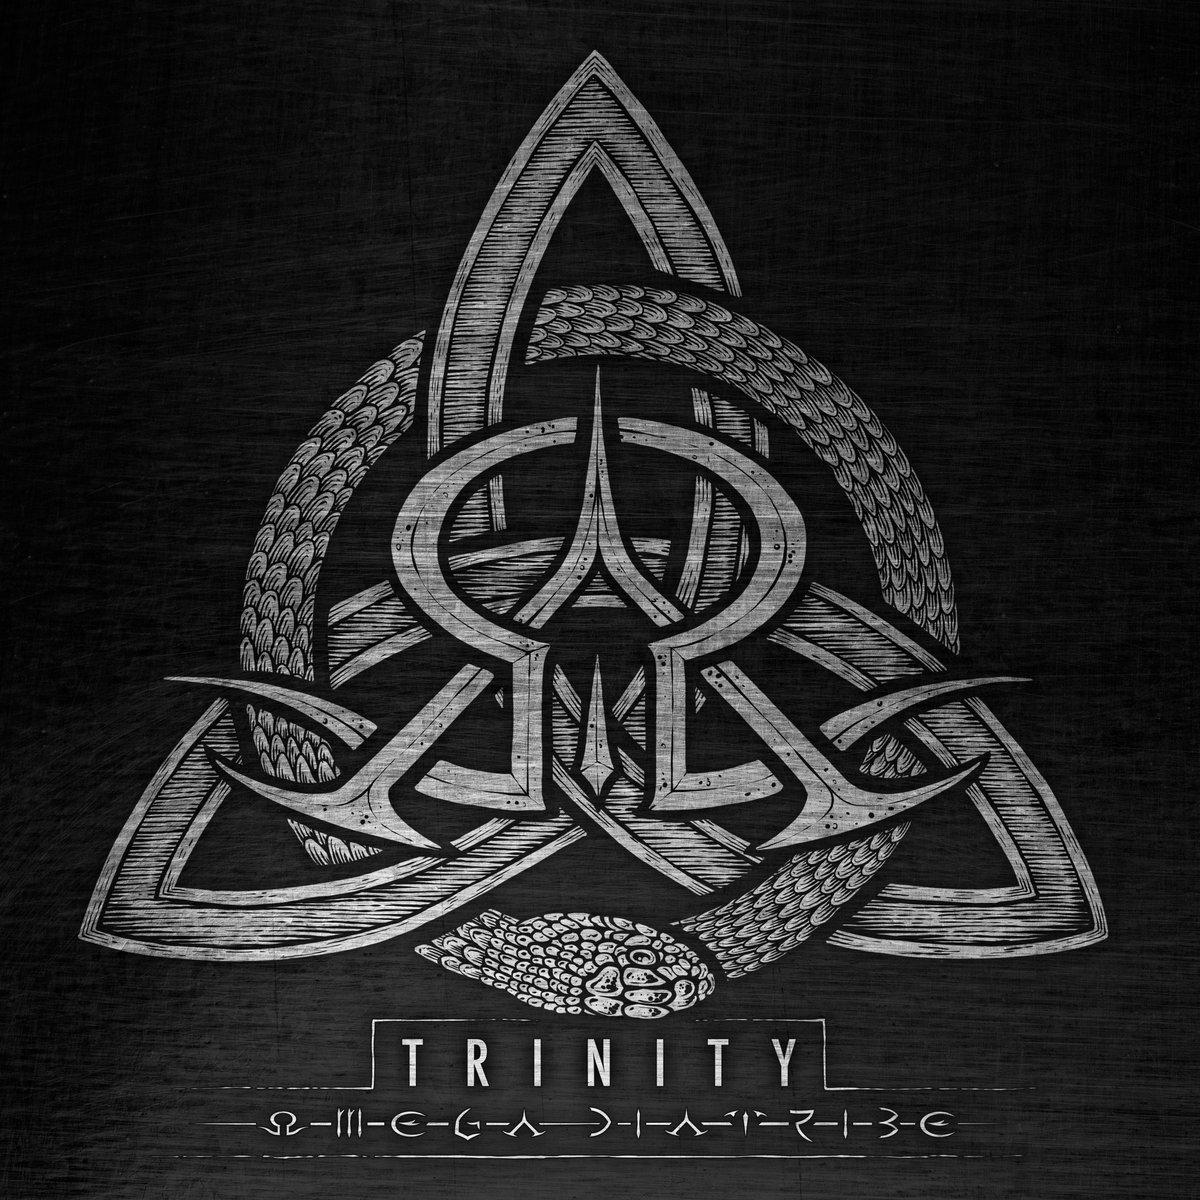 Omega Diatribe - Trinity<br /><br />Új frontember, egy következő szint, több változatosság. A változatosság, ami gyönyörködtet, mégis ugyanúgy letépi az arcokat, mint az elődei. Az Omega Diatribe egyre inkább töri felfelé magát, a Trinity pedig egy újabb, hatalmas lépcsőfok a dicsőség felé!